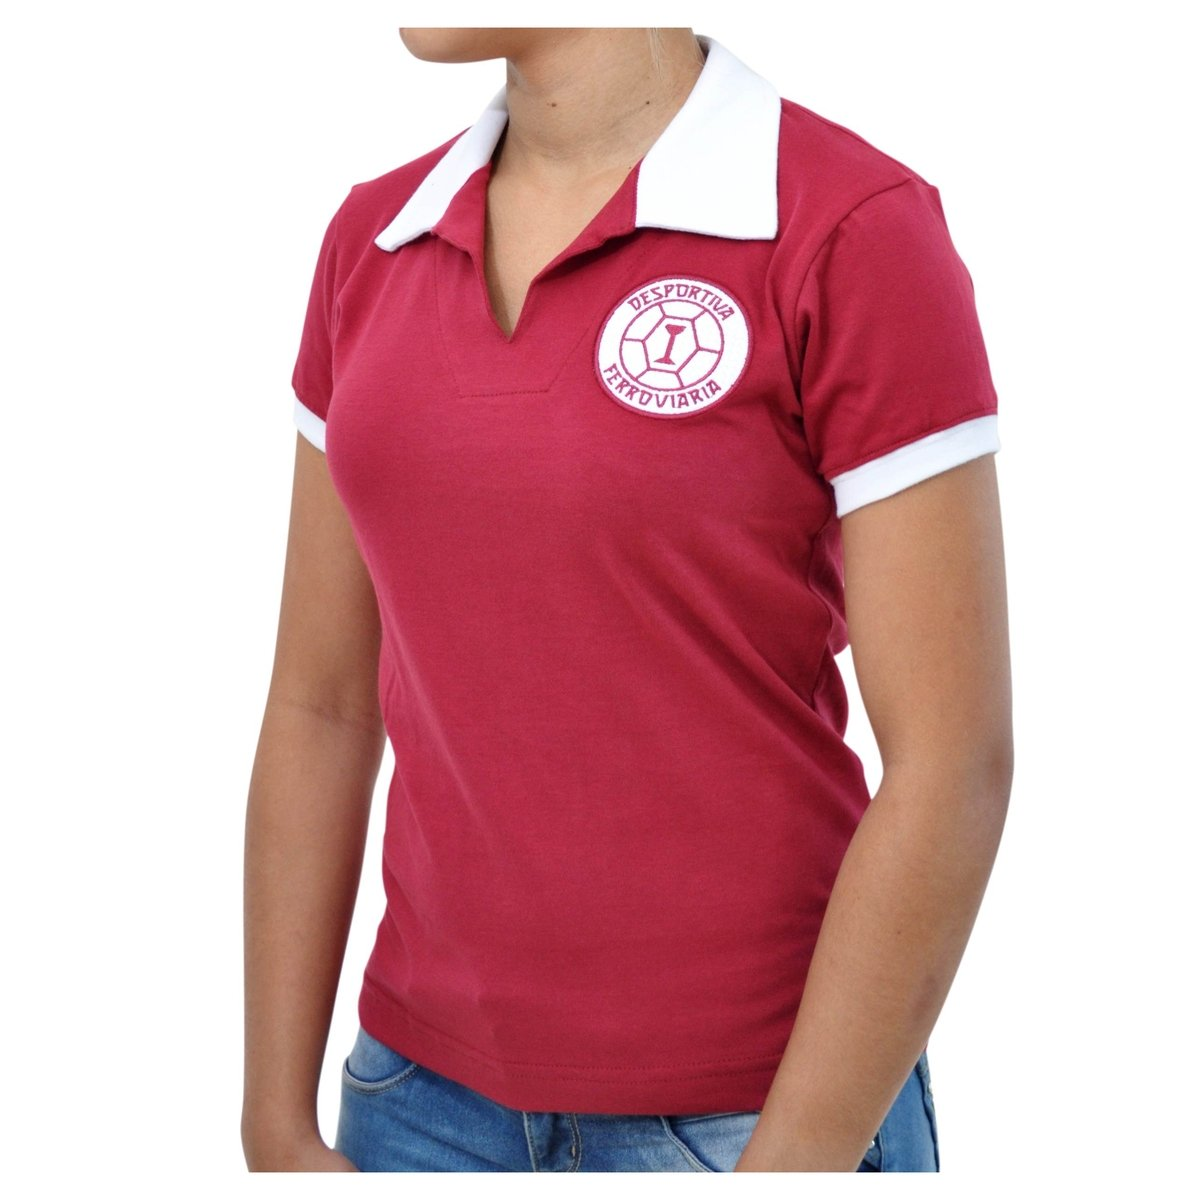 Desportiva 1965 Mania Ferroviária Feminina Retrô Camisa Desportiva Retrô 1965 Ferroviária Feminina Camisa Vinho Mania HcCBXwg